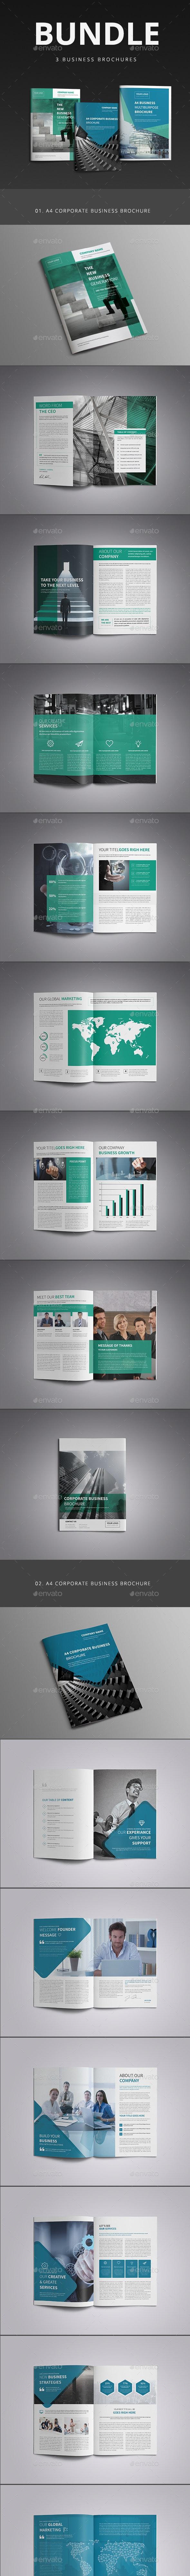 A4 Corporate Business Brochure Bundle  - Corporate Brochures